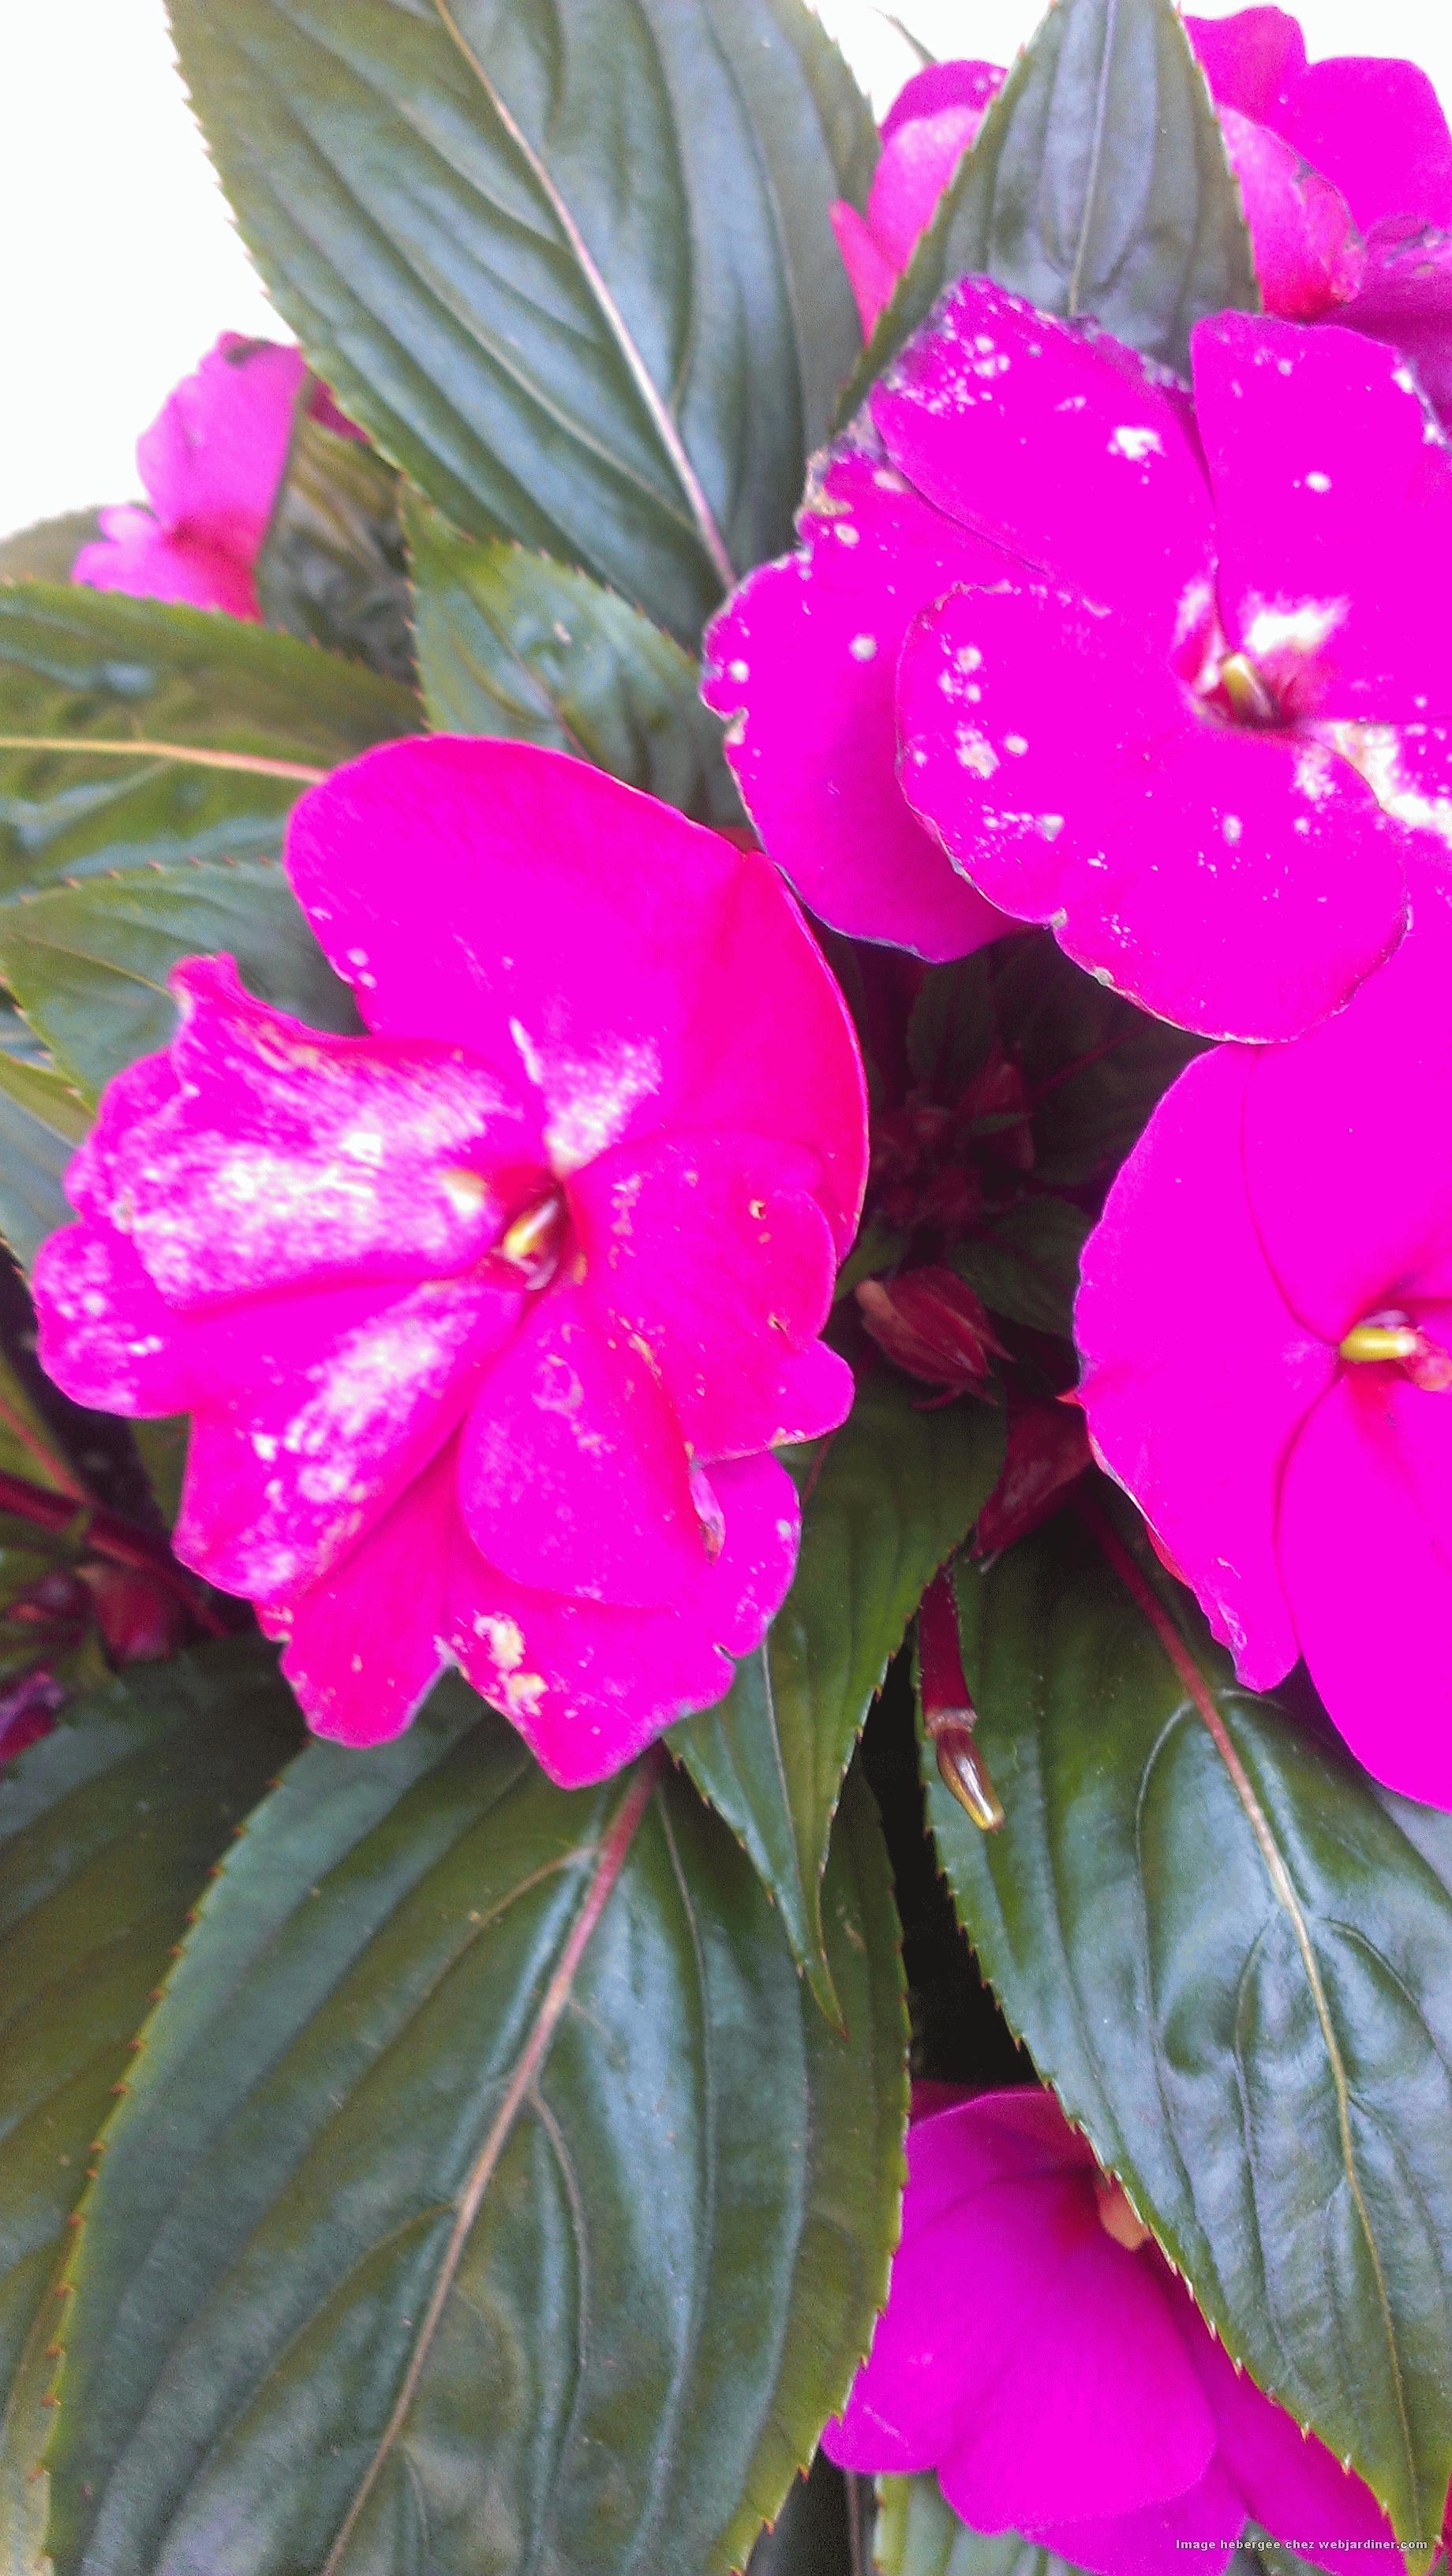 Impatiens nlle guineea taches blanches fleurs forum du jardinage amateur - Impatiens de guinee l hiver ...